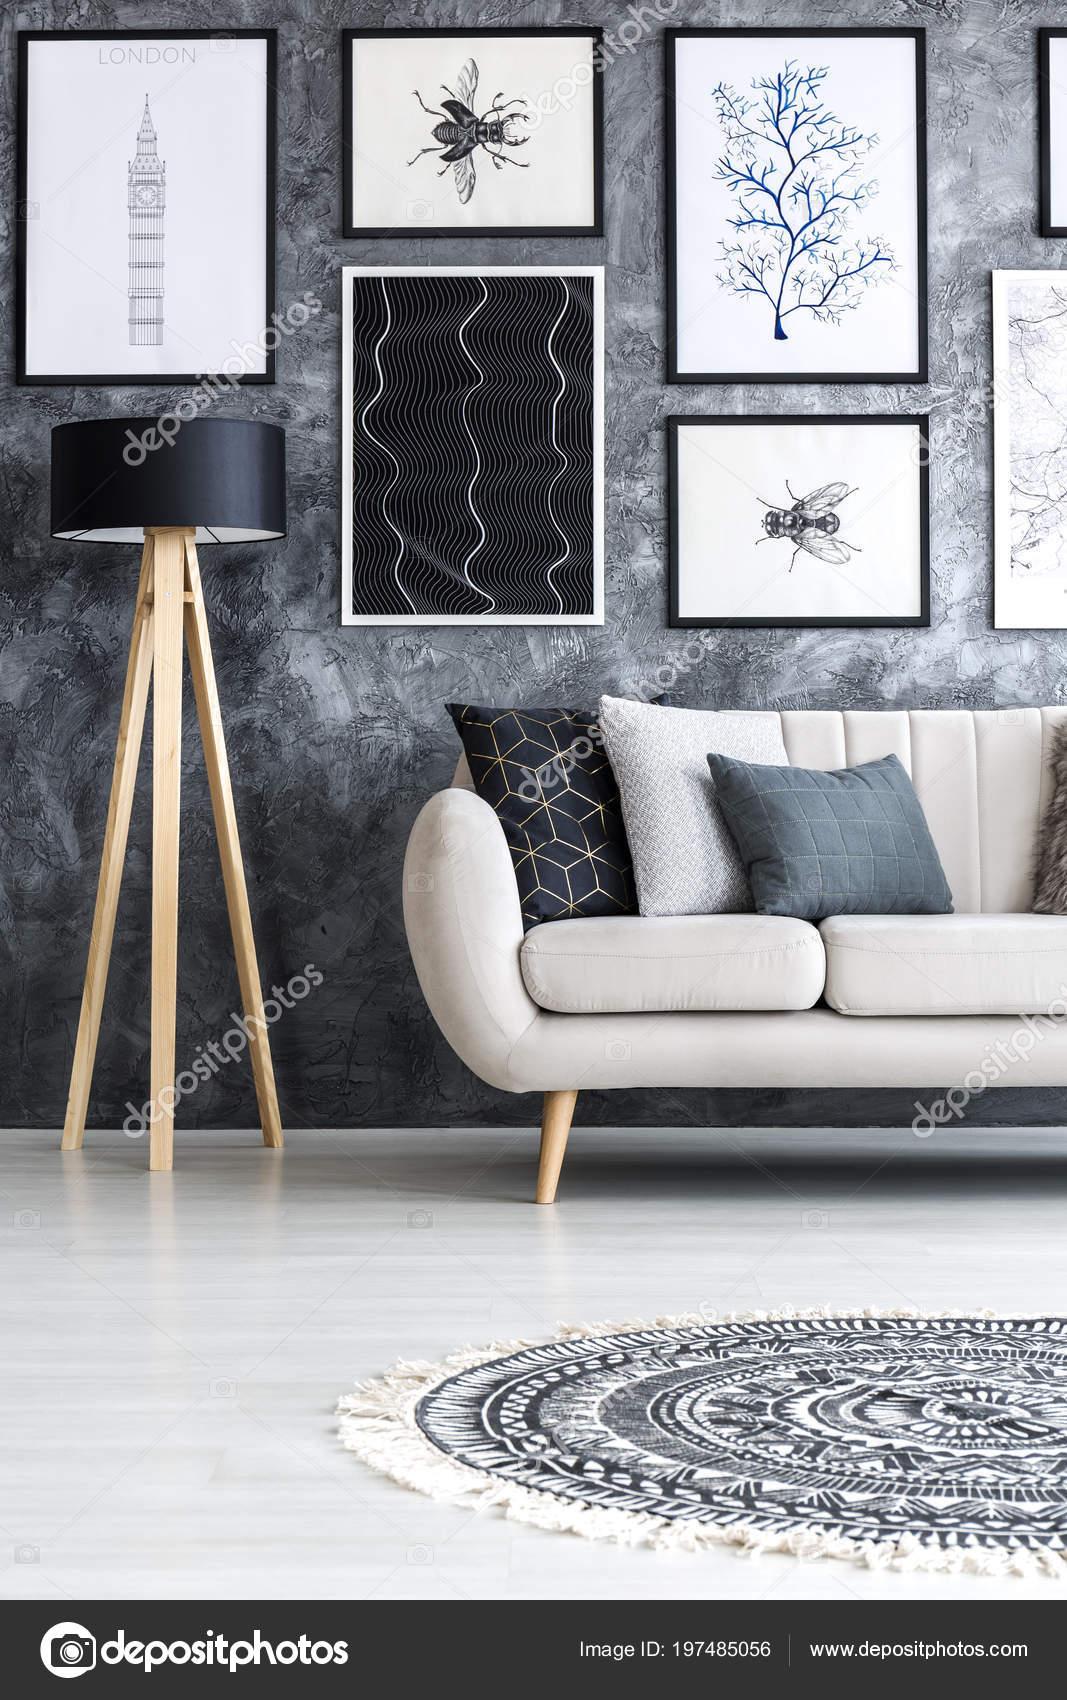 Schwarzes Holz Lampe Neben Einem Beige Sofa Wohnzimmer Interieur Mit U2014  Stockfoto